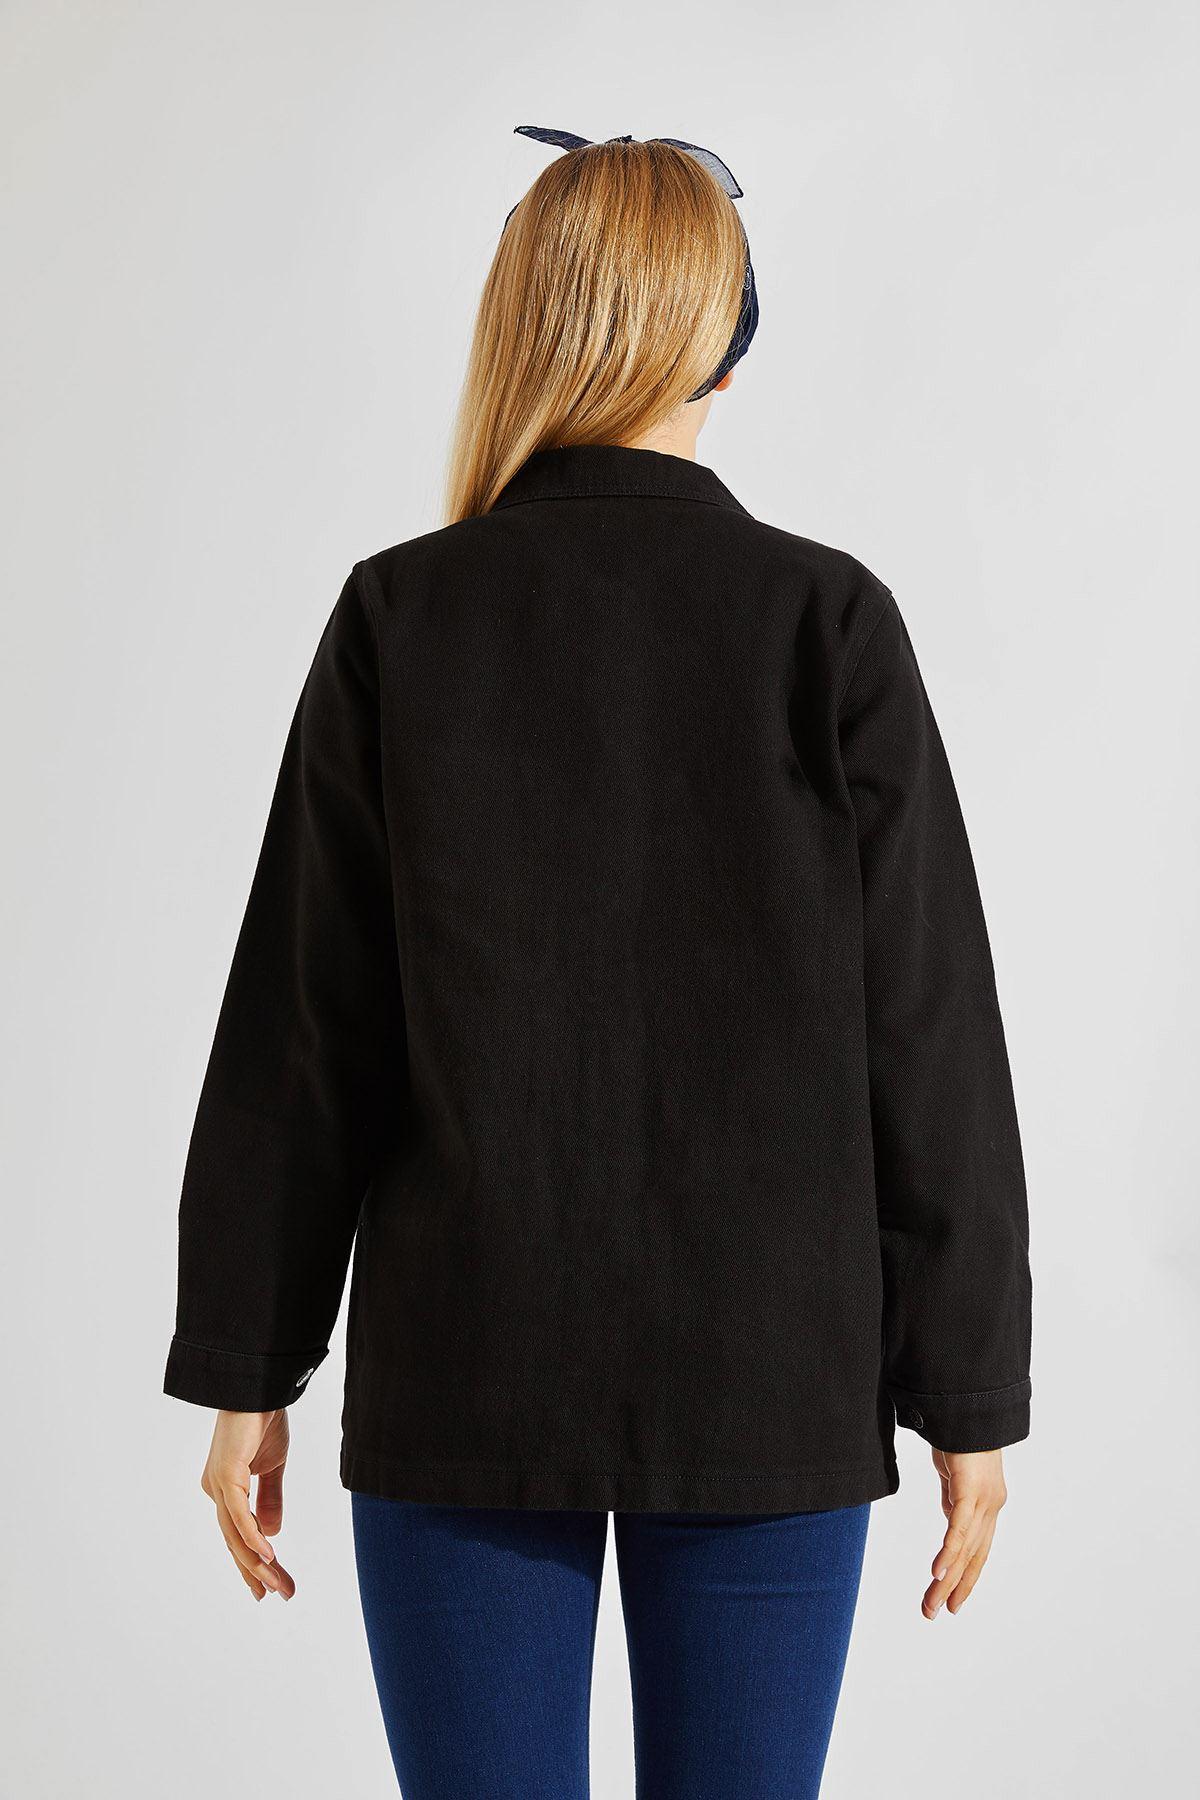 Kadın Gabardin Boyfriend Tek Kapaklı Cep Siyah Ceket